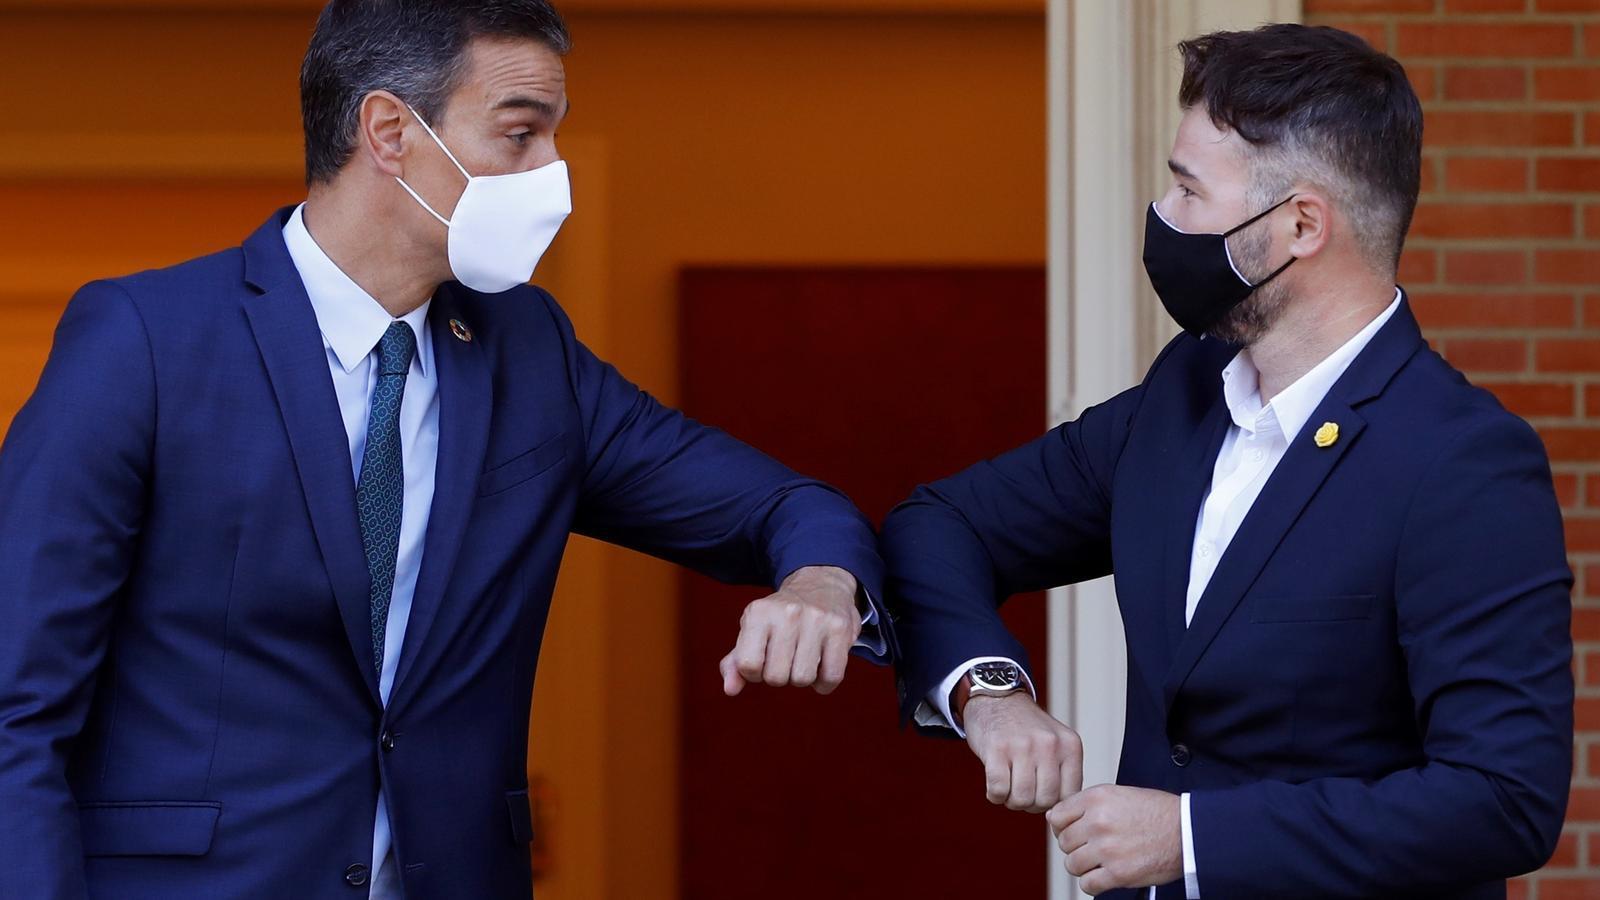 Els punts clau del principi d'acord de pressupostos entre ERC i PSOE